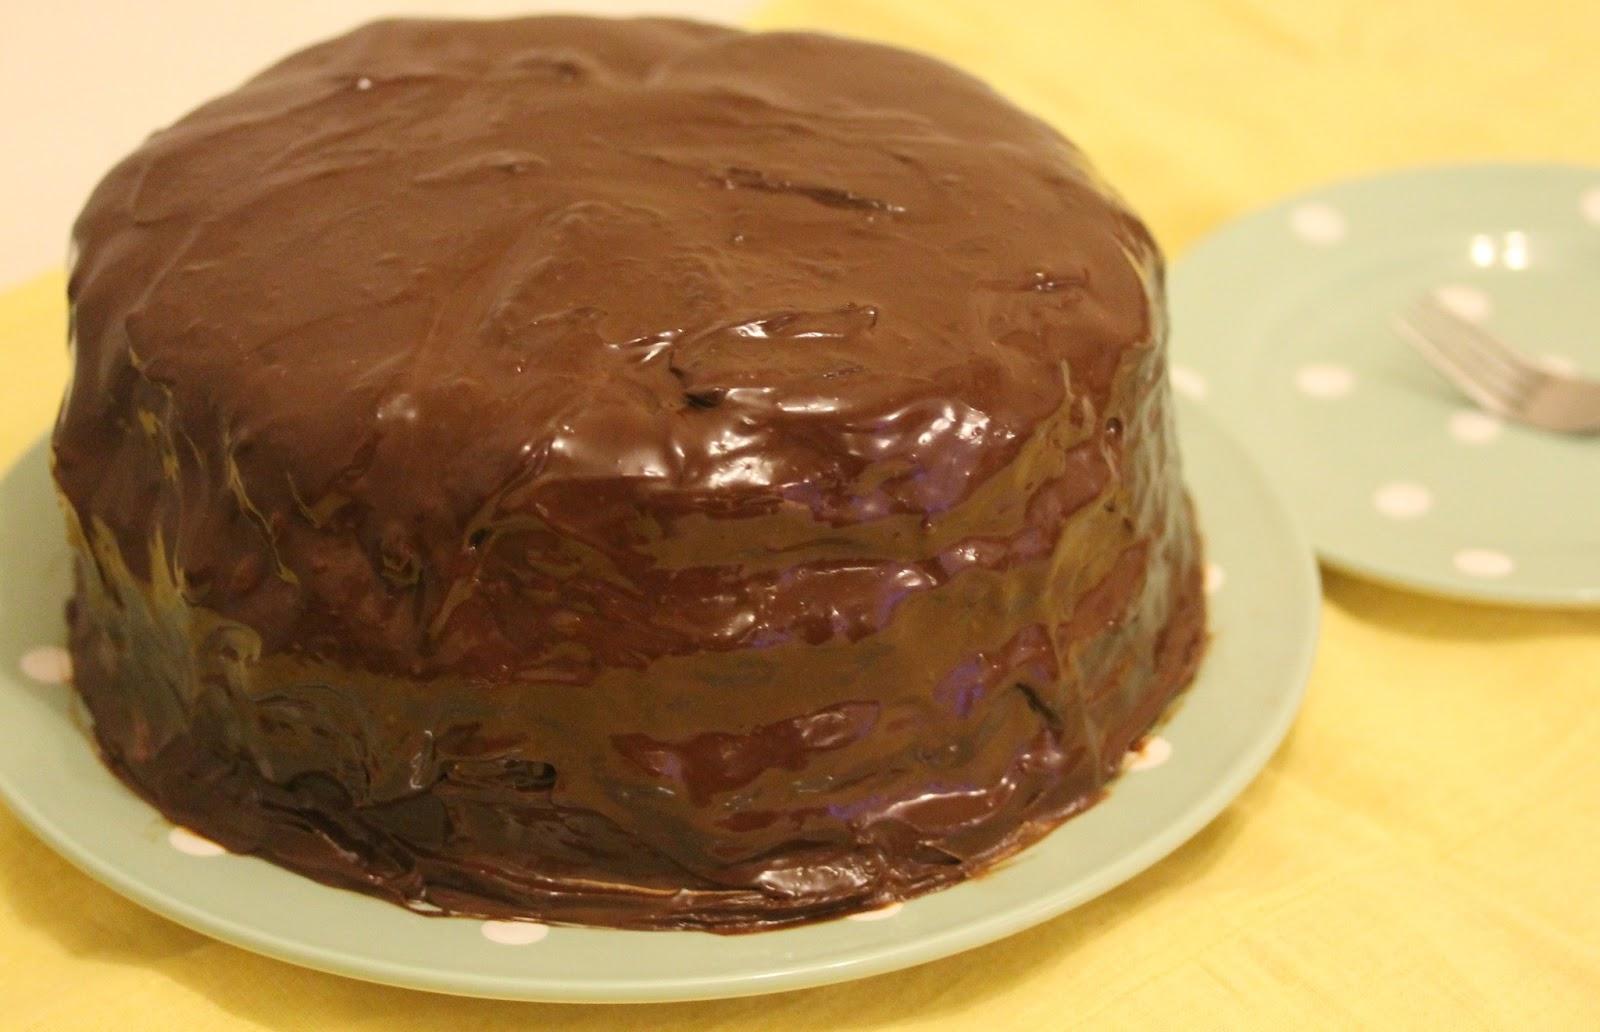 ... chocolate orange version of Ina Garten's Beatty chocolate cake